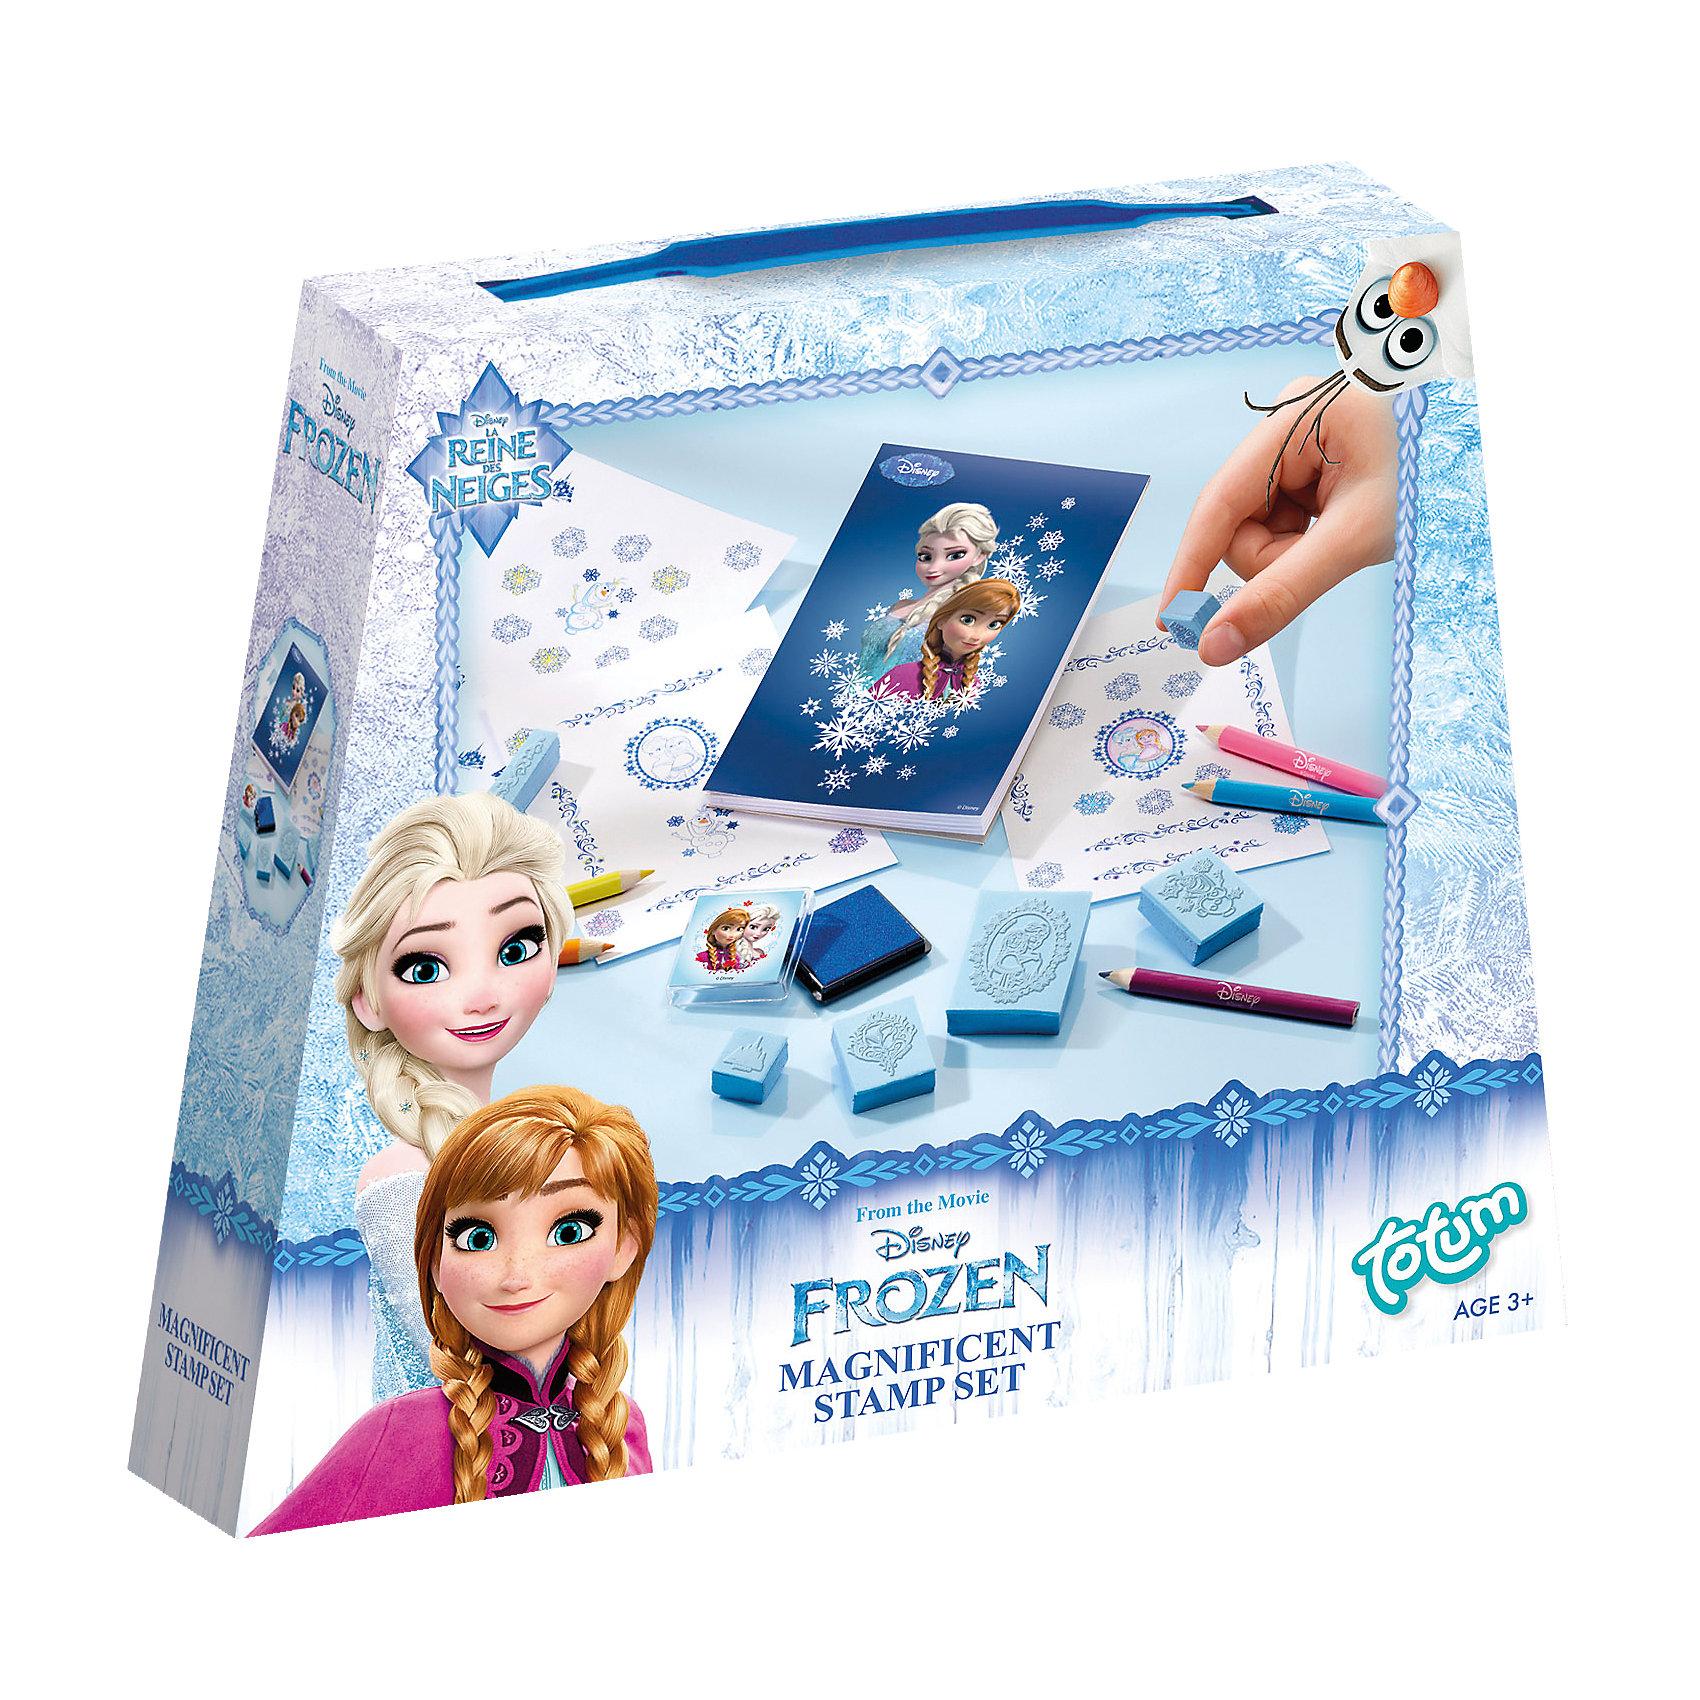 Набор для творчества Холодное сердце со штампамиЗаниматься творчеством интересно и весело, а с любимыми героинями - приятно вдвойне. Создавай свои шедевры, воплощай фантазии на бумаге. С помощью этого набора ты сможешь сделать красивую картинку, открытку или же оформить новогоднее поздравление в стиле Frozen.<br><br>Дополнительная информация:<br><br>- Комплектация: штампики с гравировкой в стиле мультфильма, цветные карандаши, чернильница, инструкция. <br>-  Материал: пластик, дерево, чернила.  <br><br>Набор для творчества Холодное сердце (Frozen), со штампами, можно купить в нашем магазине.<br><br>Ширина мм: 183<br>Глубина мм: 154<br>Высота мм: 38<br>Вес г: 110<br>Возраст от месяцев: 48<br>Возраст до месяцев: 96<br>Пол: Женский<br>Возраст: Детский<br>SKU: 3683247